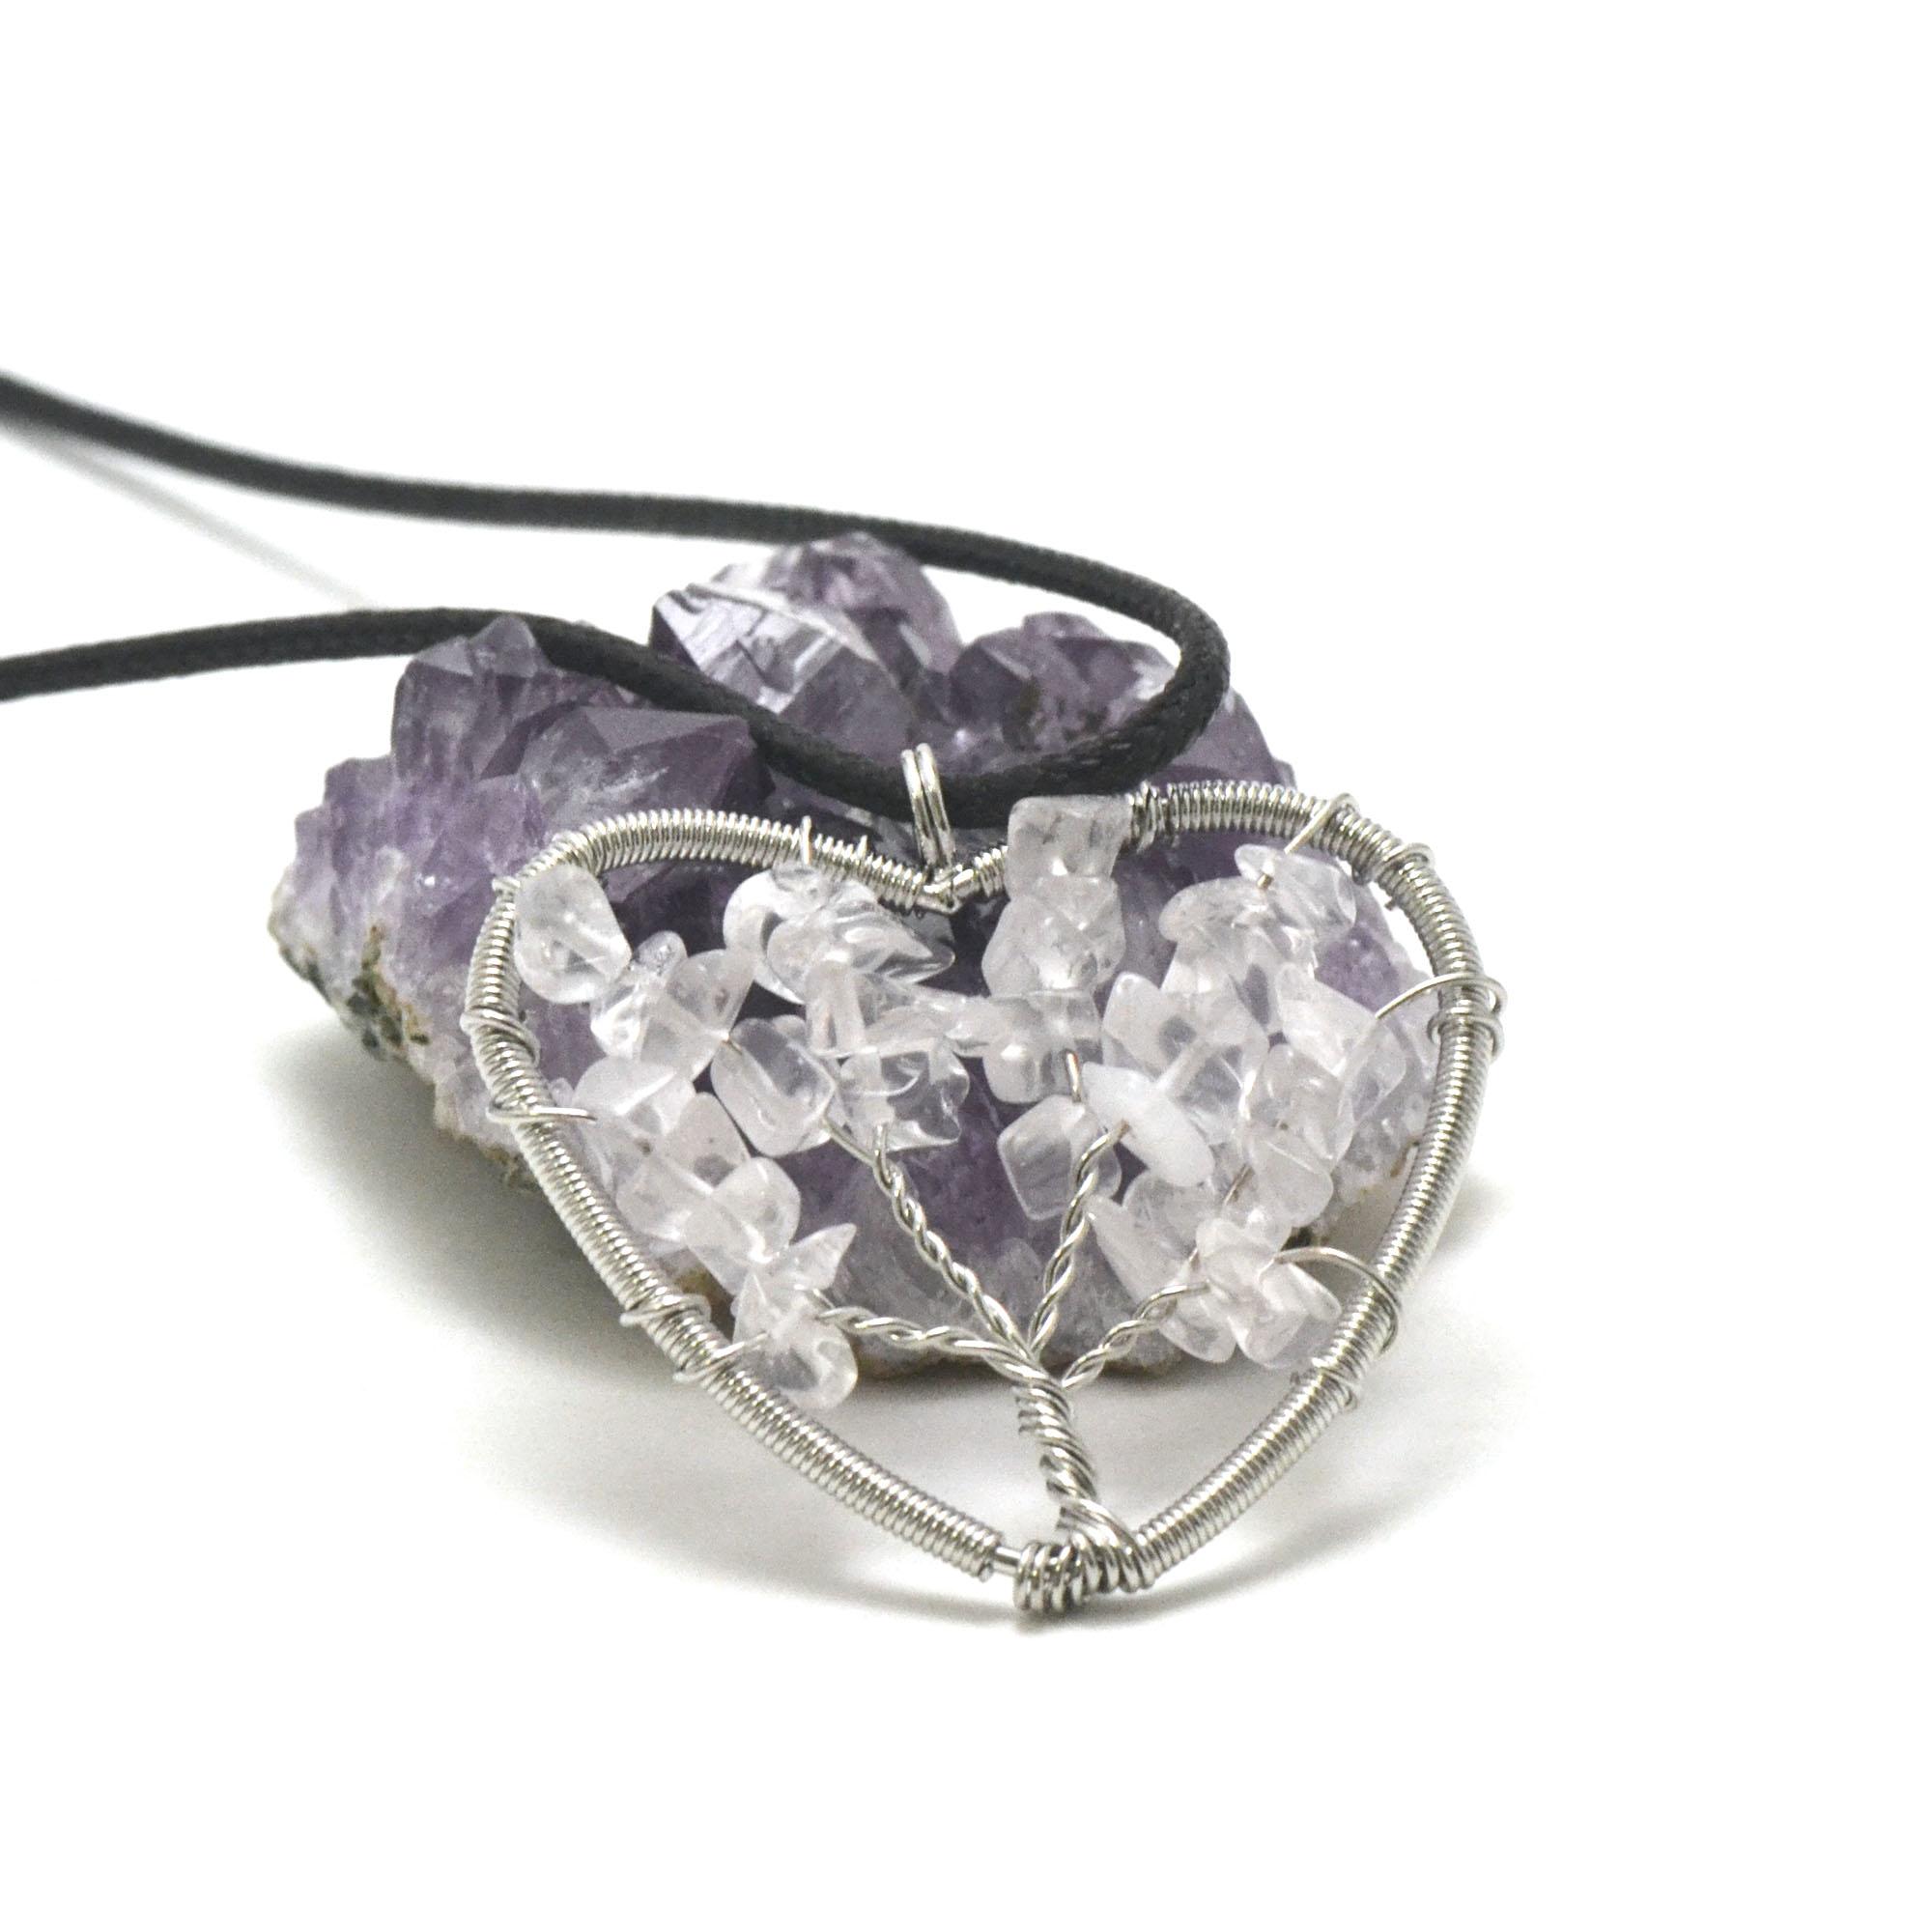 pendentif cristal de roche attrape rêve coeur, pierre naturelle